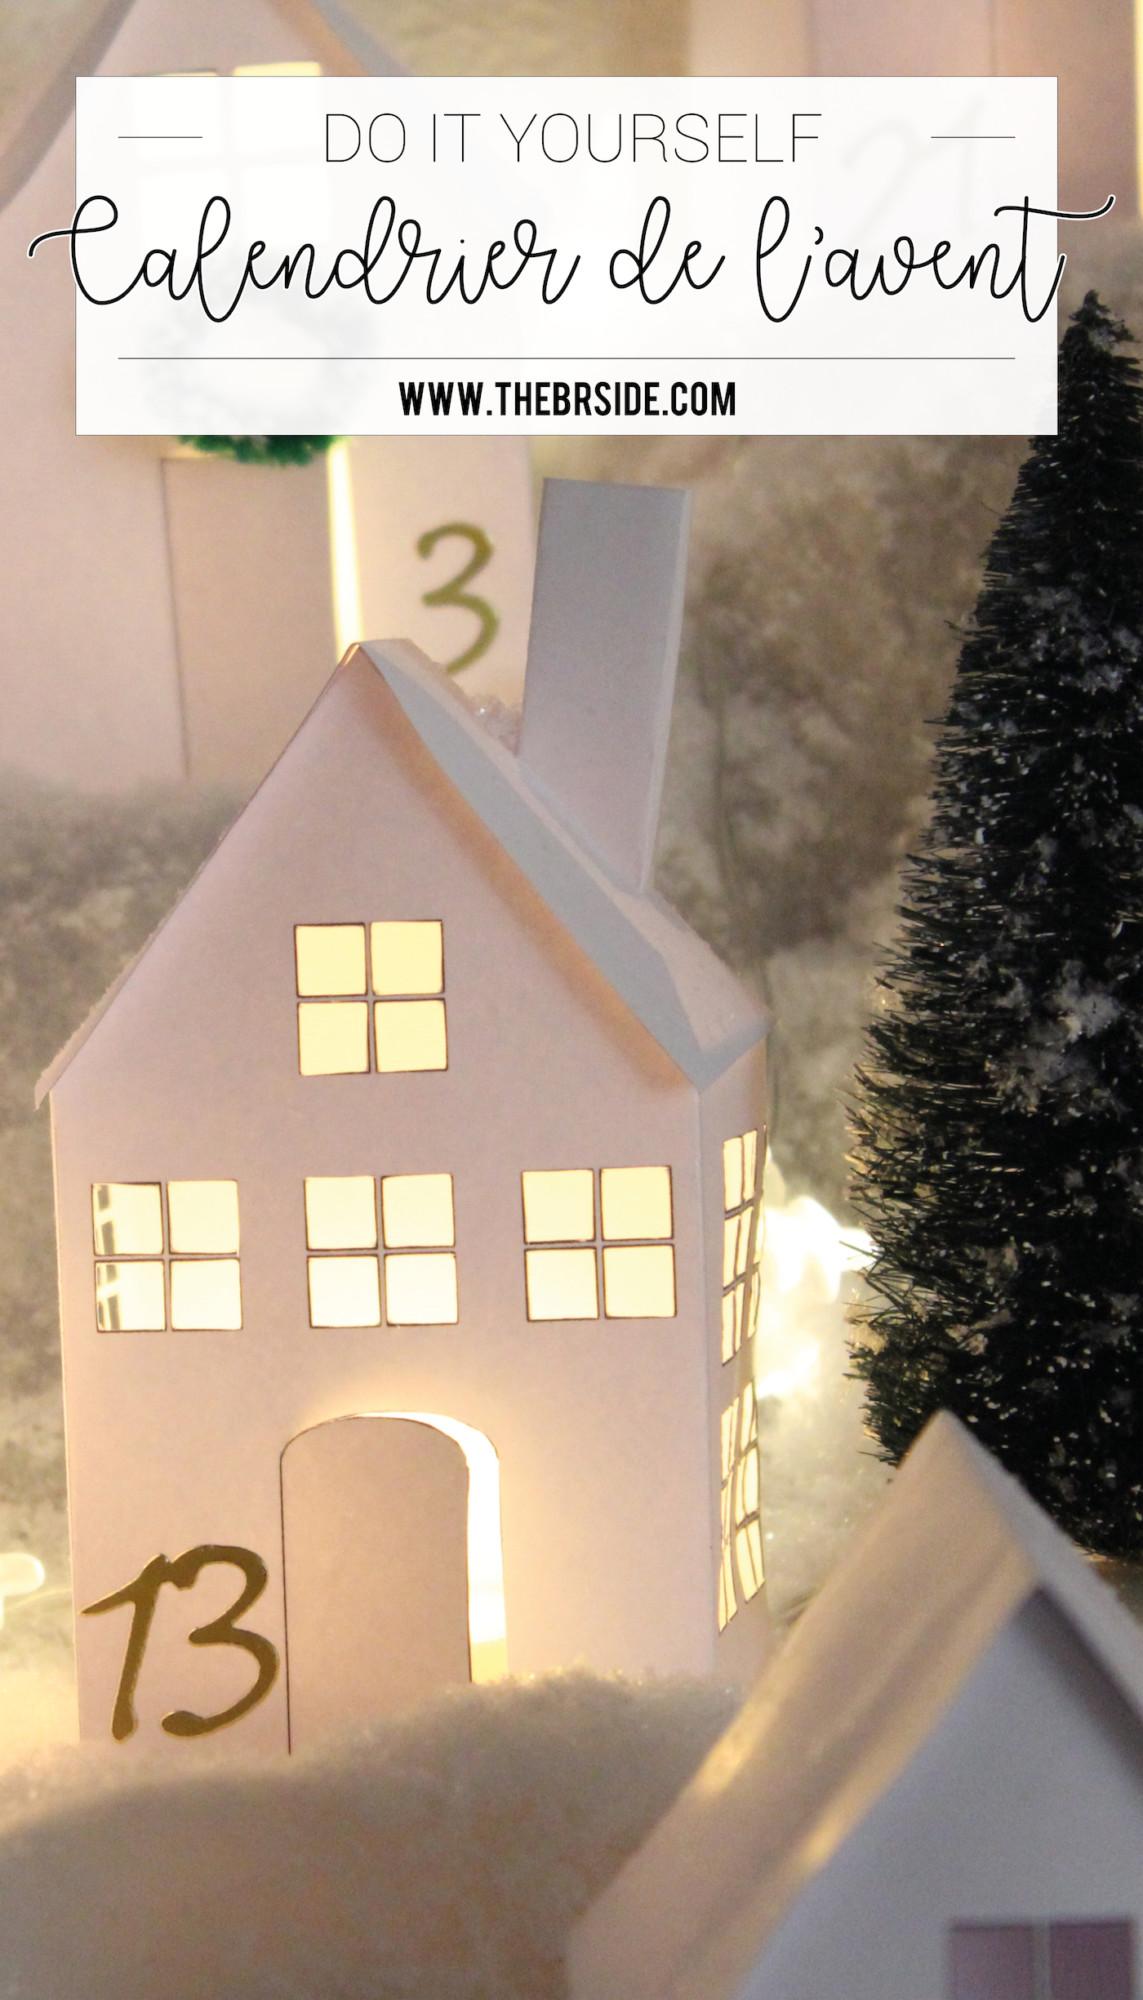 Pinterest DIY calendrier de l'avent #4 village de noël